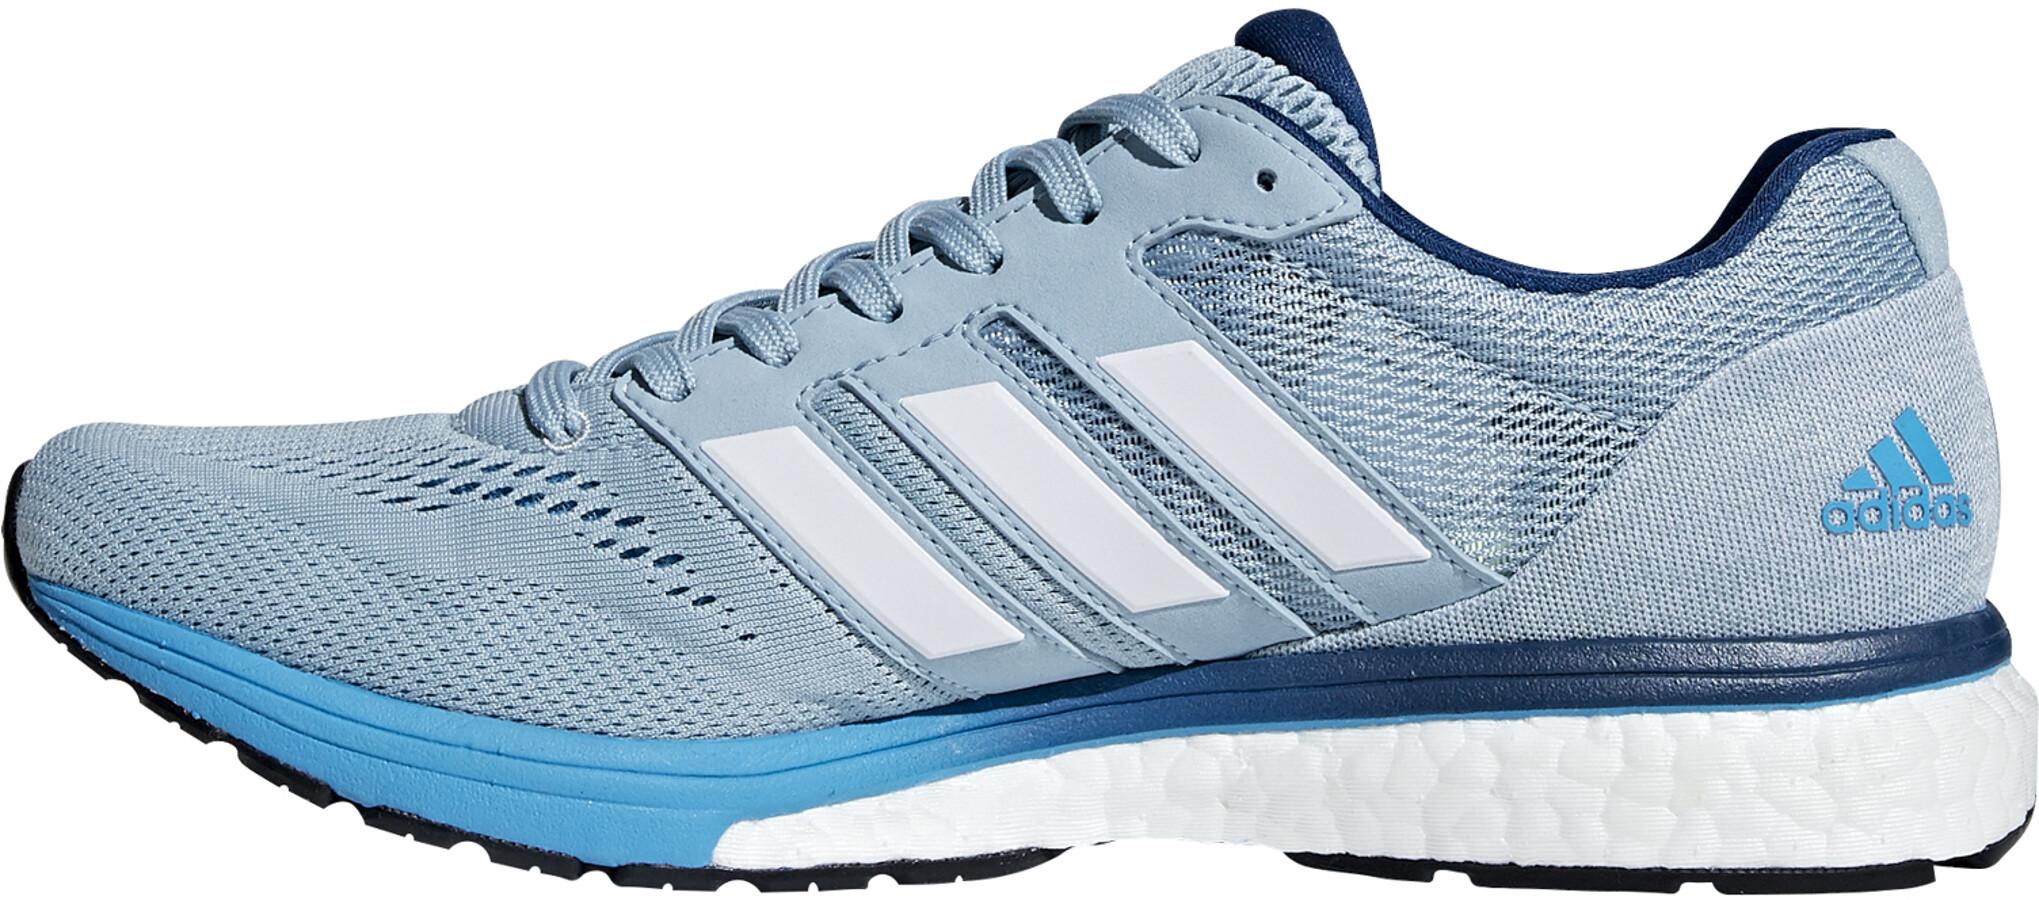 3481d6d0 adidas Adizero Boston 7 Buty do biegania Mężczyźni, ash grey/ftwr  white/shock